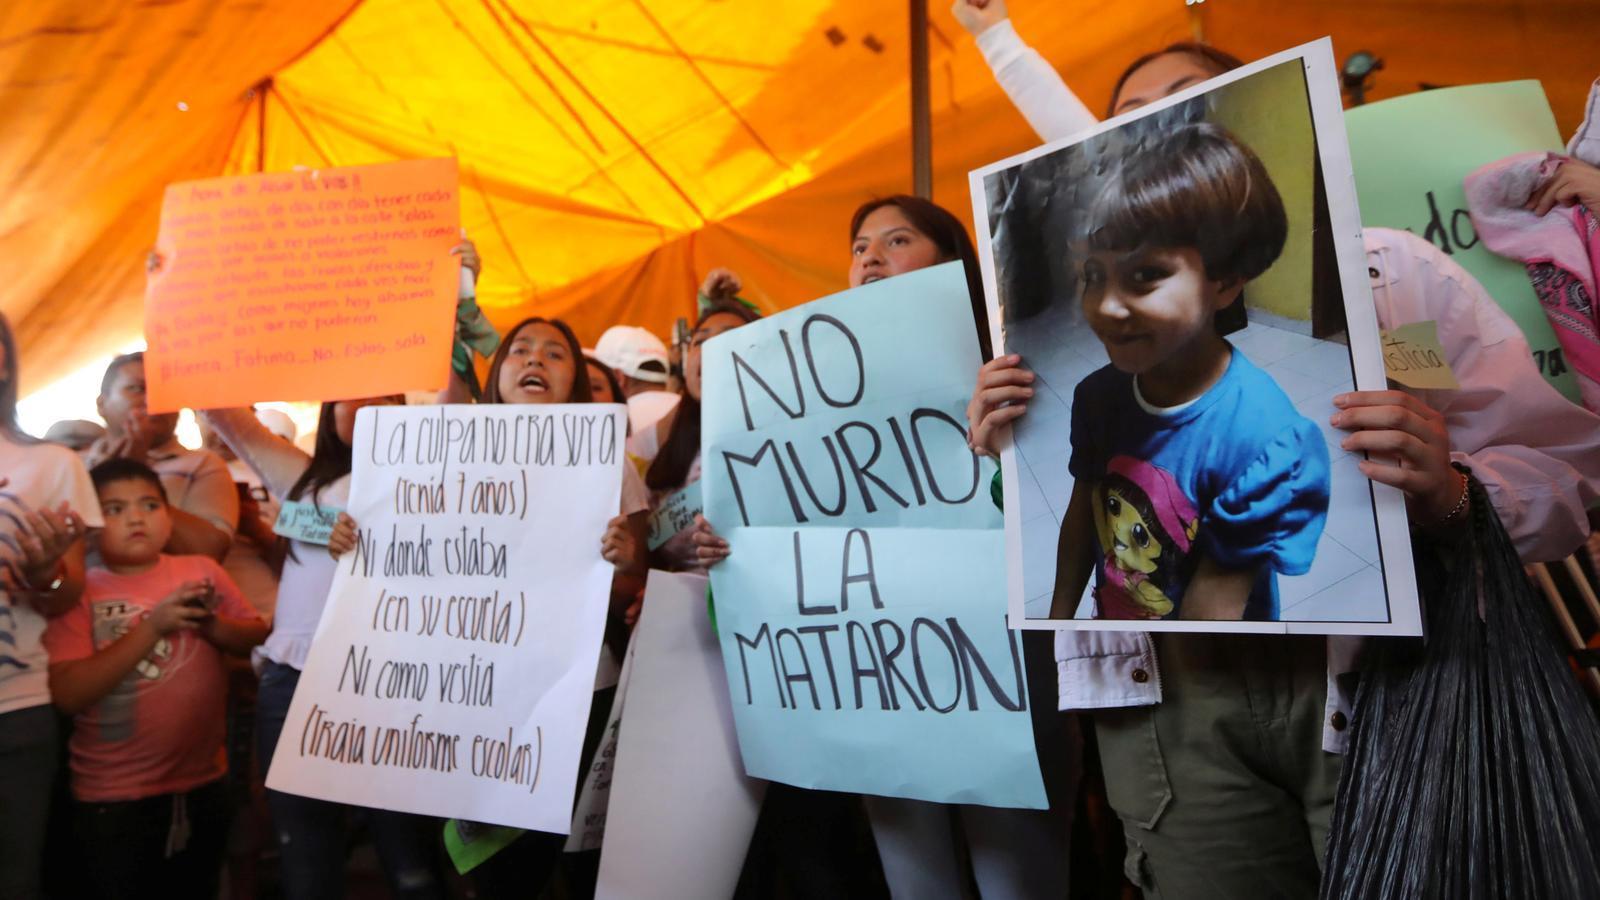 Protesta per l'assassinat de la nena Fátima Aldrighetti, desapareguda i trobada morta el cap de setmana a Ciutat de Mèxic